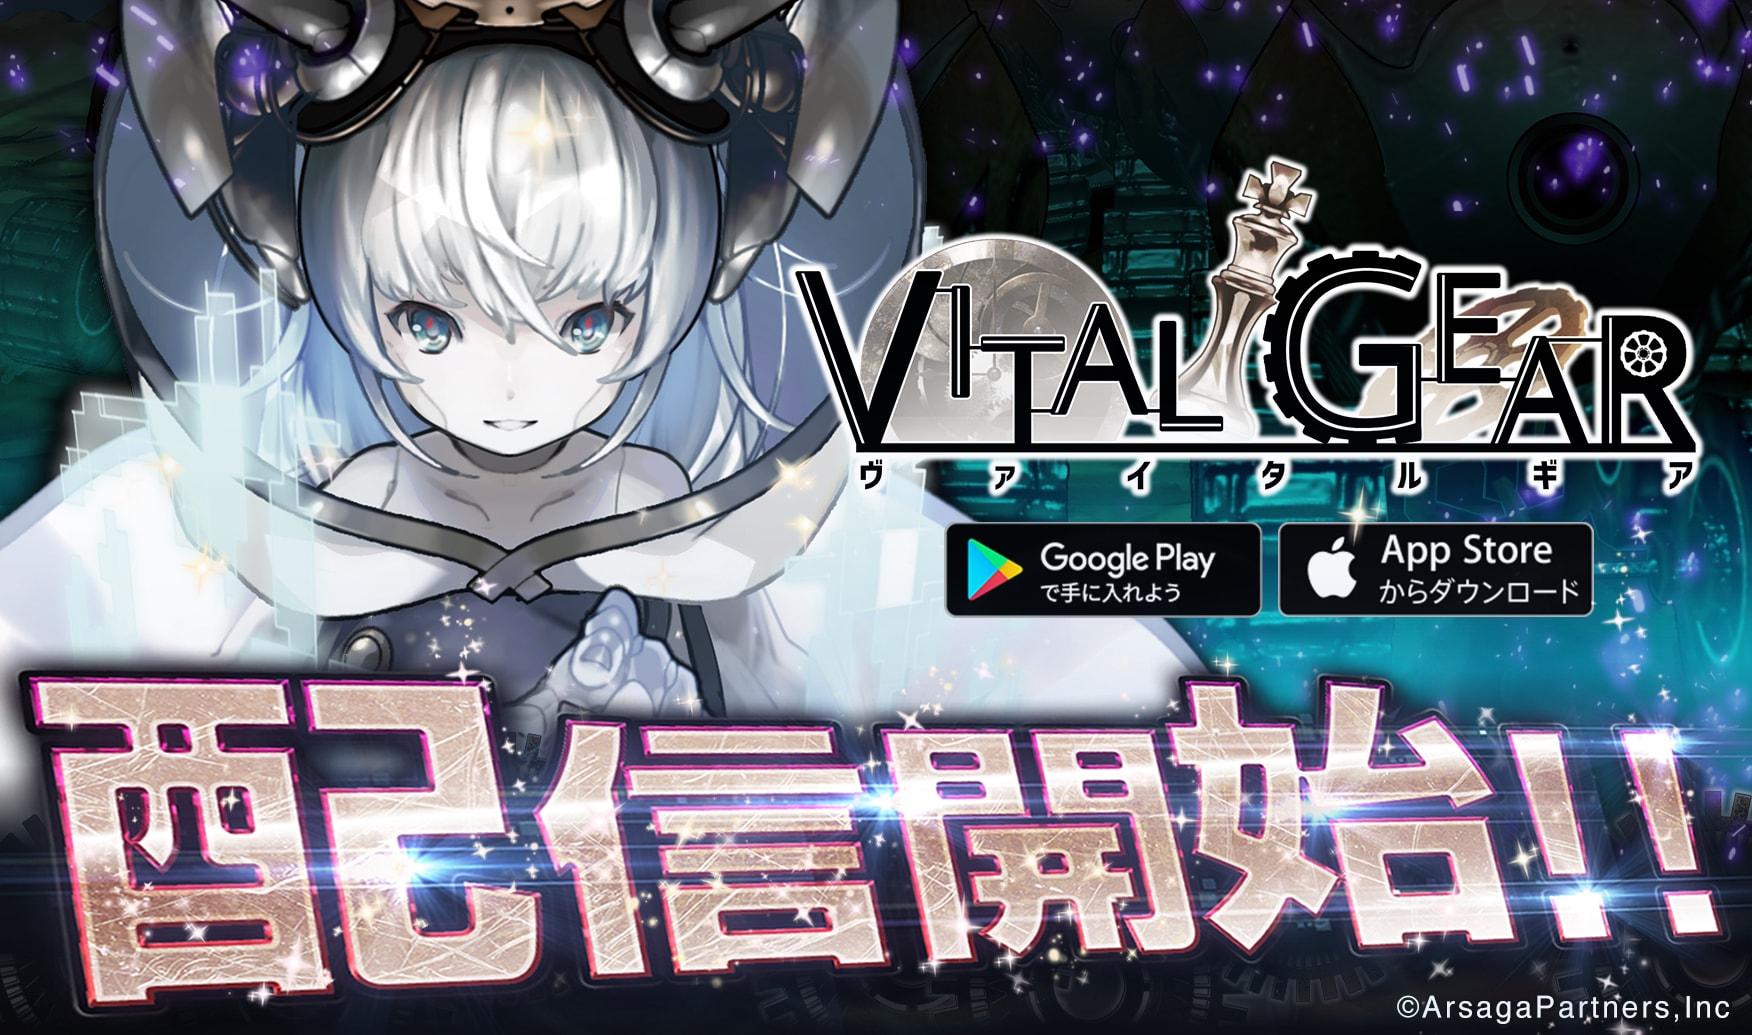 AI vs 人類を描いたRPG『ヴァイタルギア』がAndroid™/iOSで同時リリース開始!